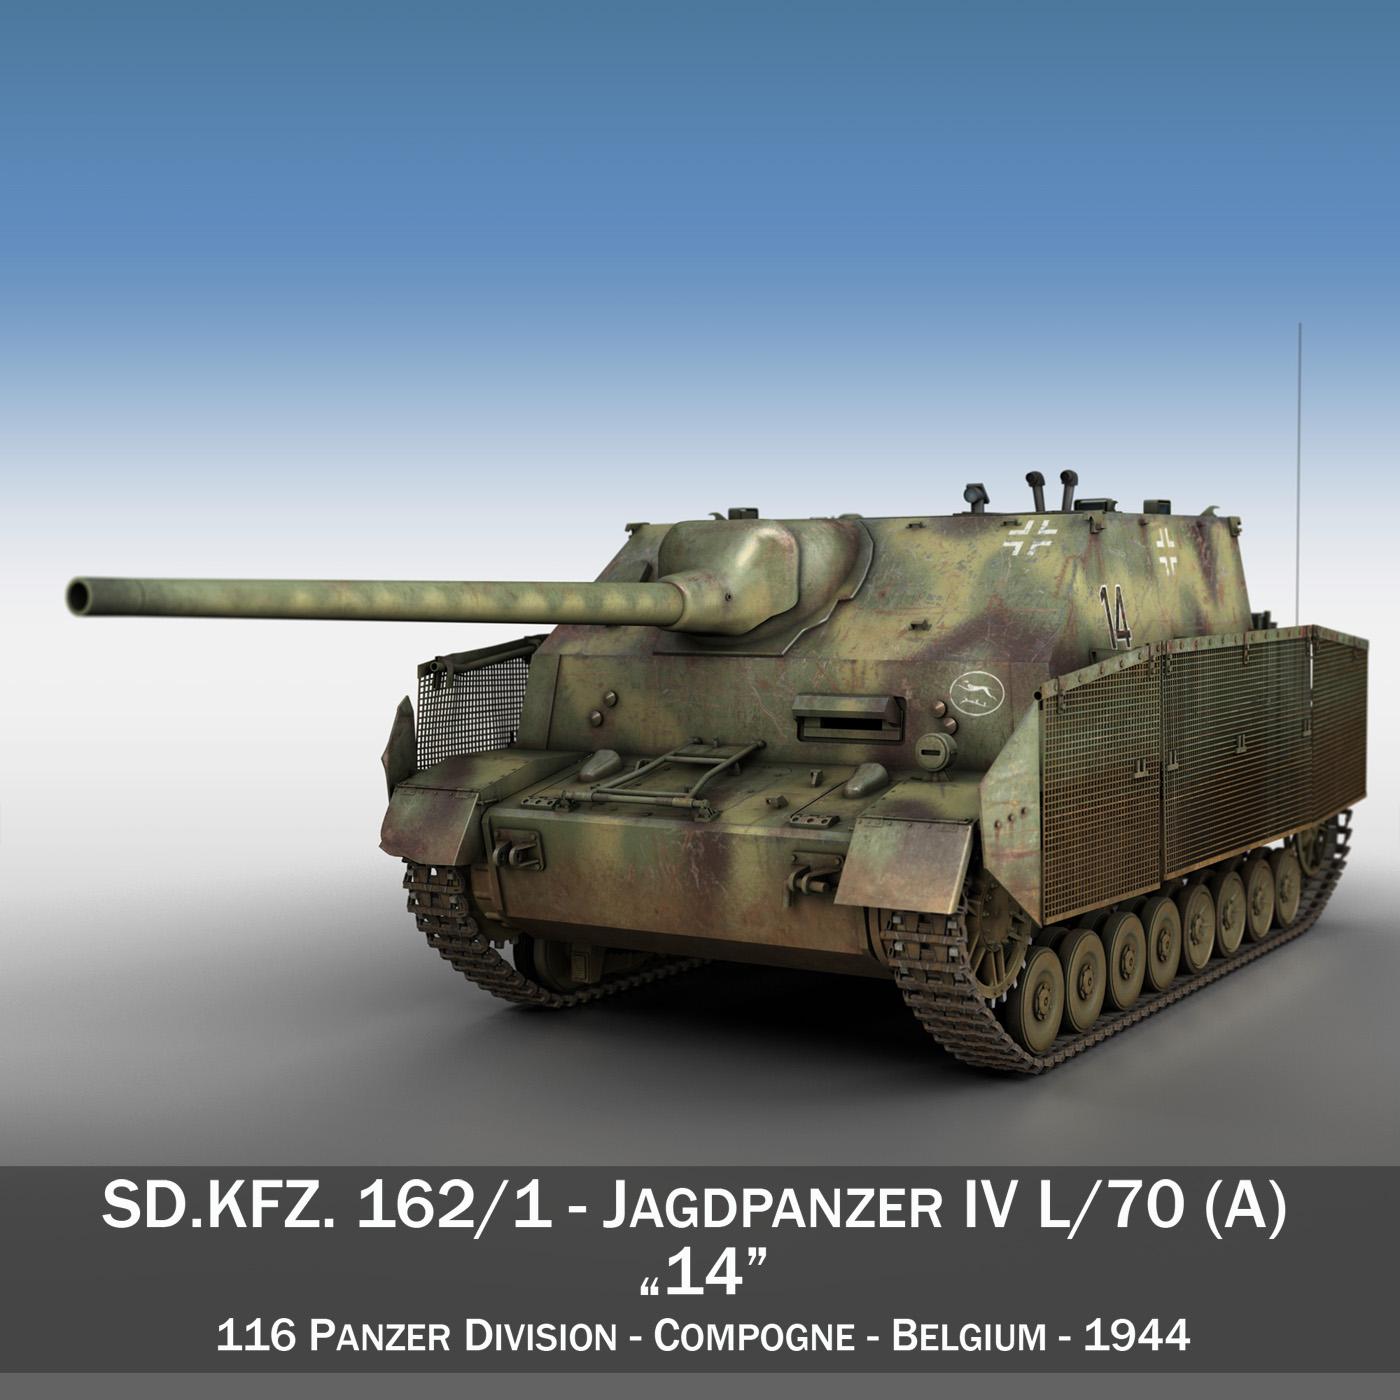 jagdpanzer iv l/70 (a) – 14 3d model 3ds fbx c4d lwo obj 282327